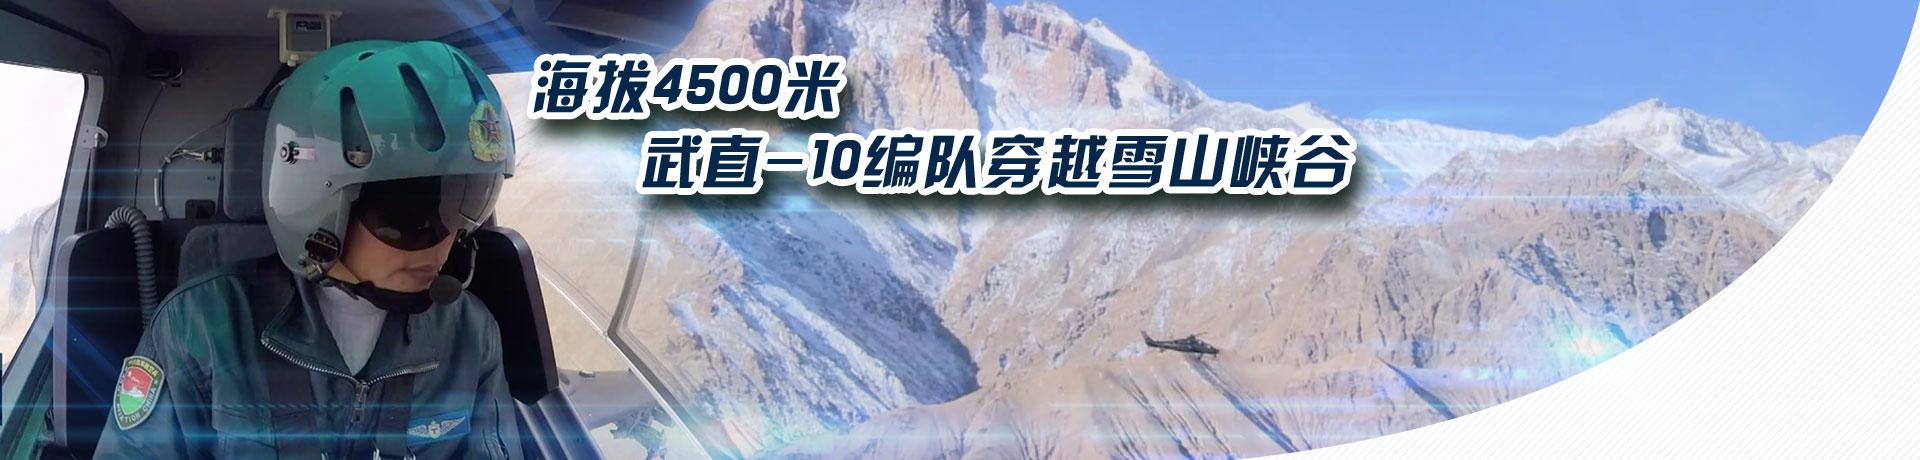 海拔4500米 武直-10编队穿越雪山峡谷